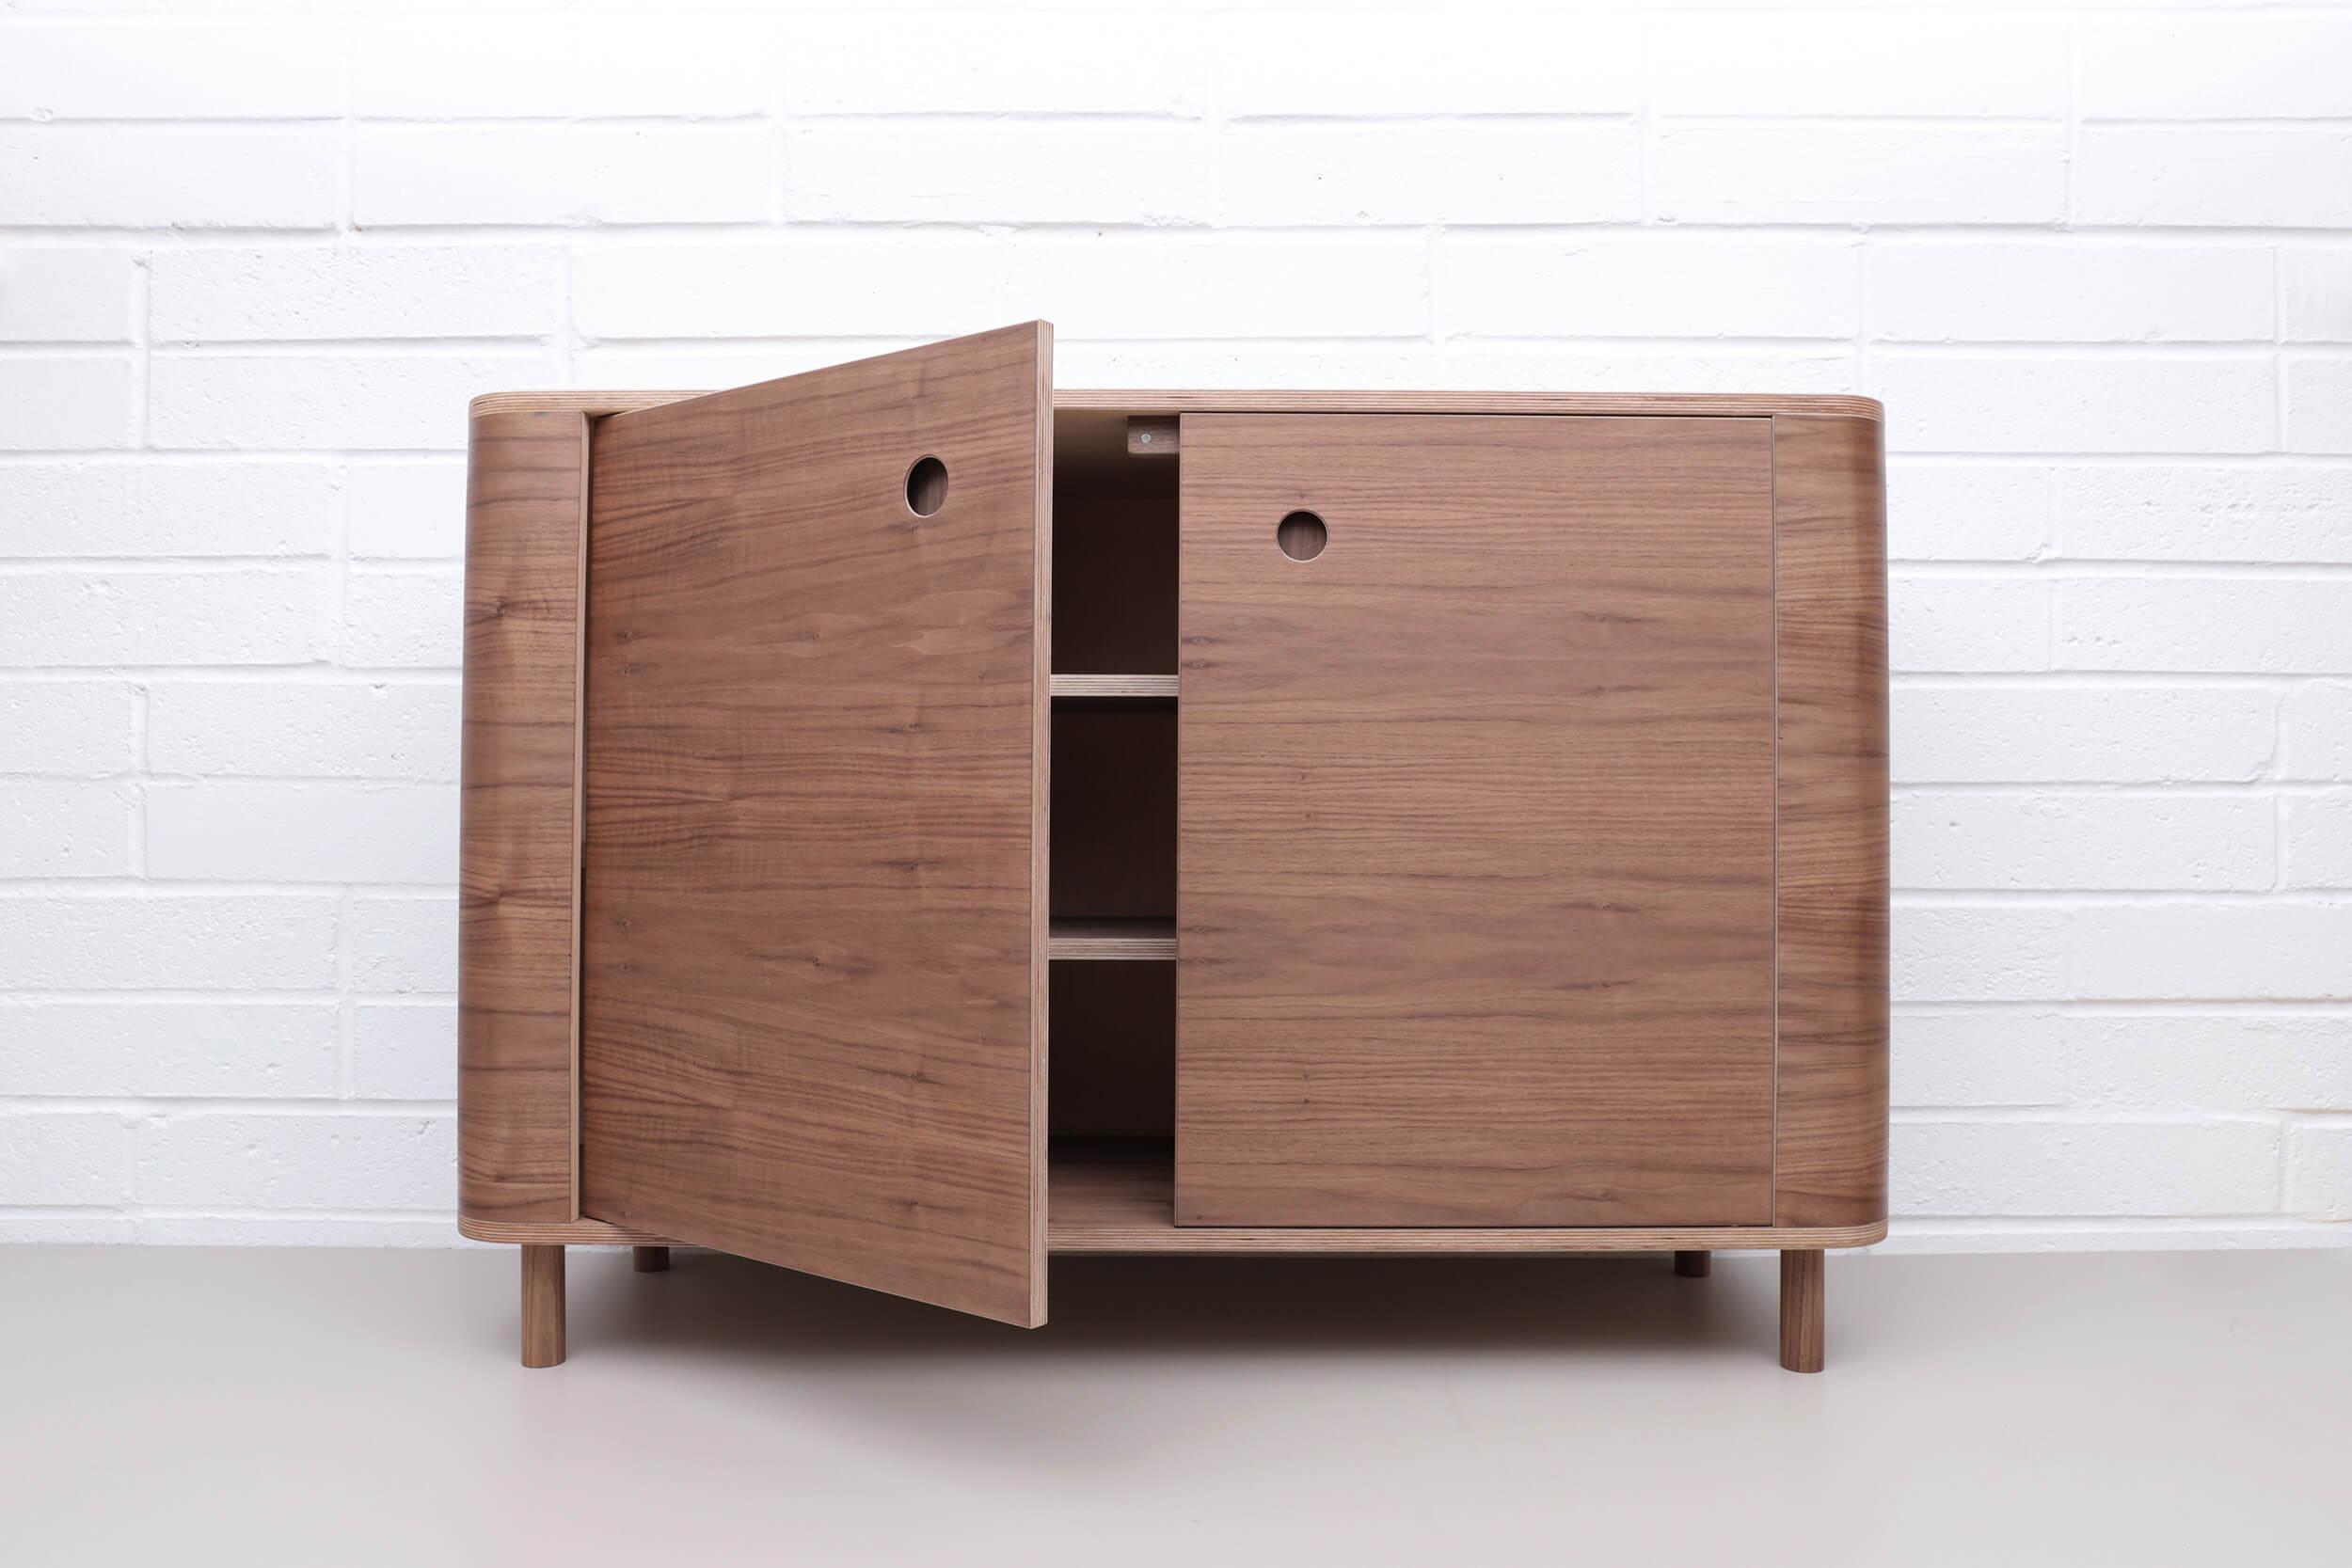 Order 417 - Ewa Turek - Shoe Storage12 WEB.jpg